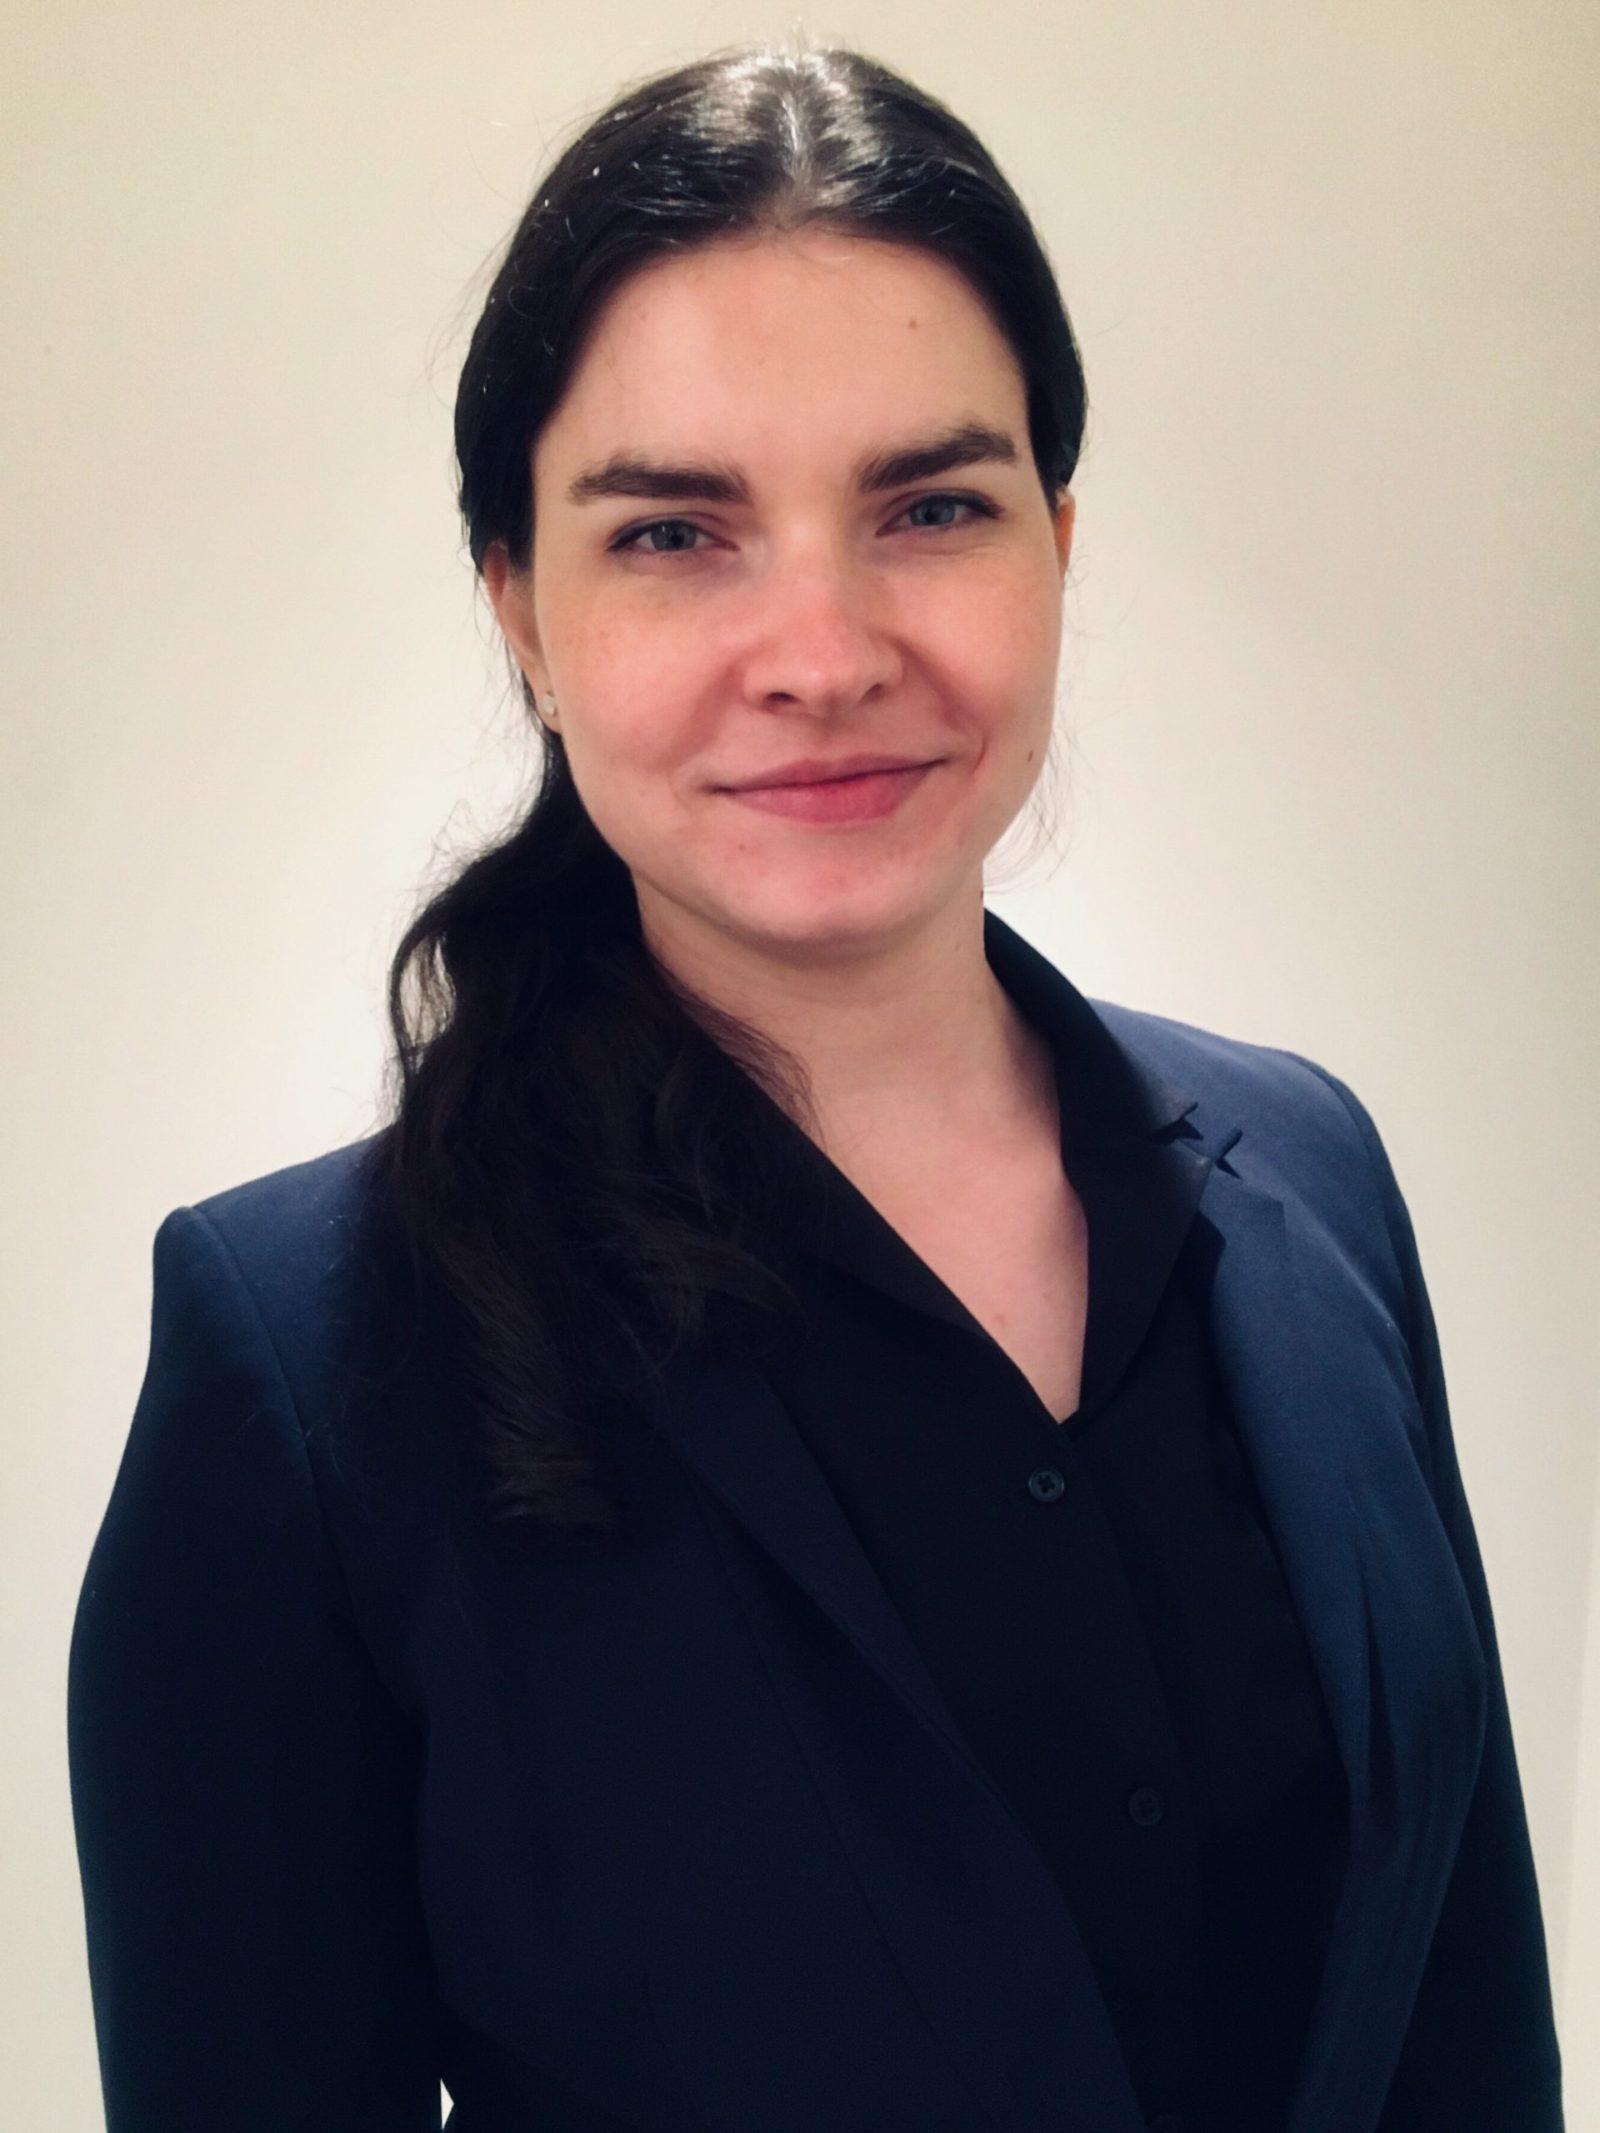 Victoria Granova photo